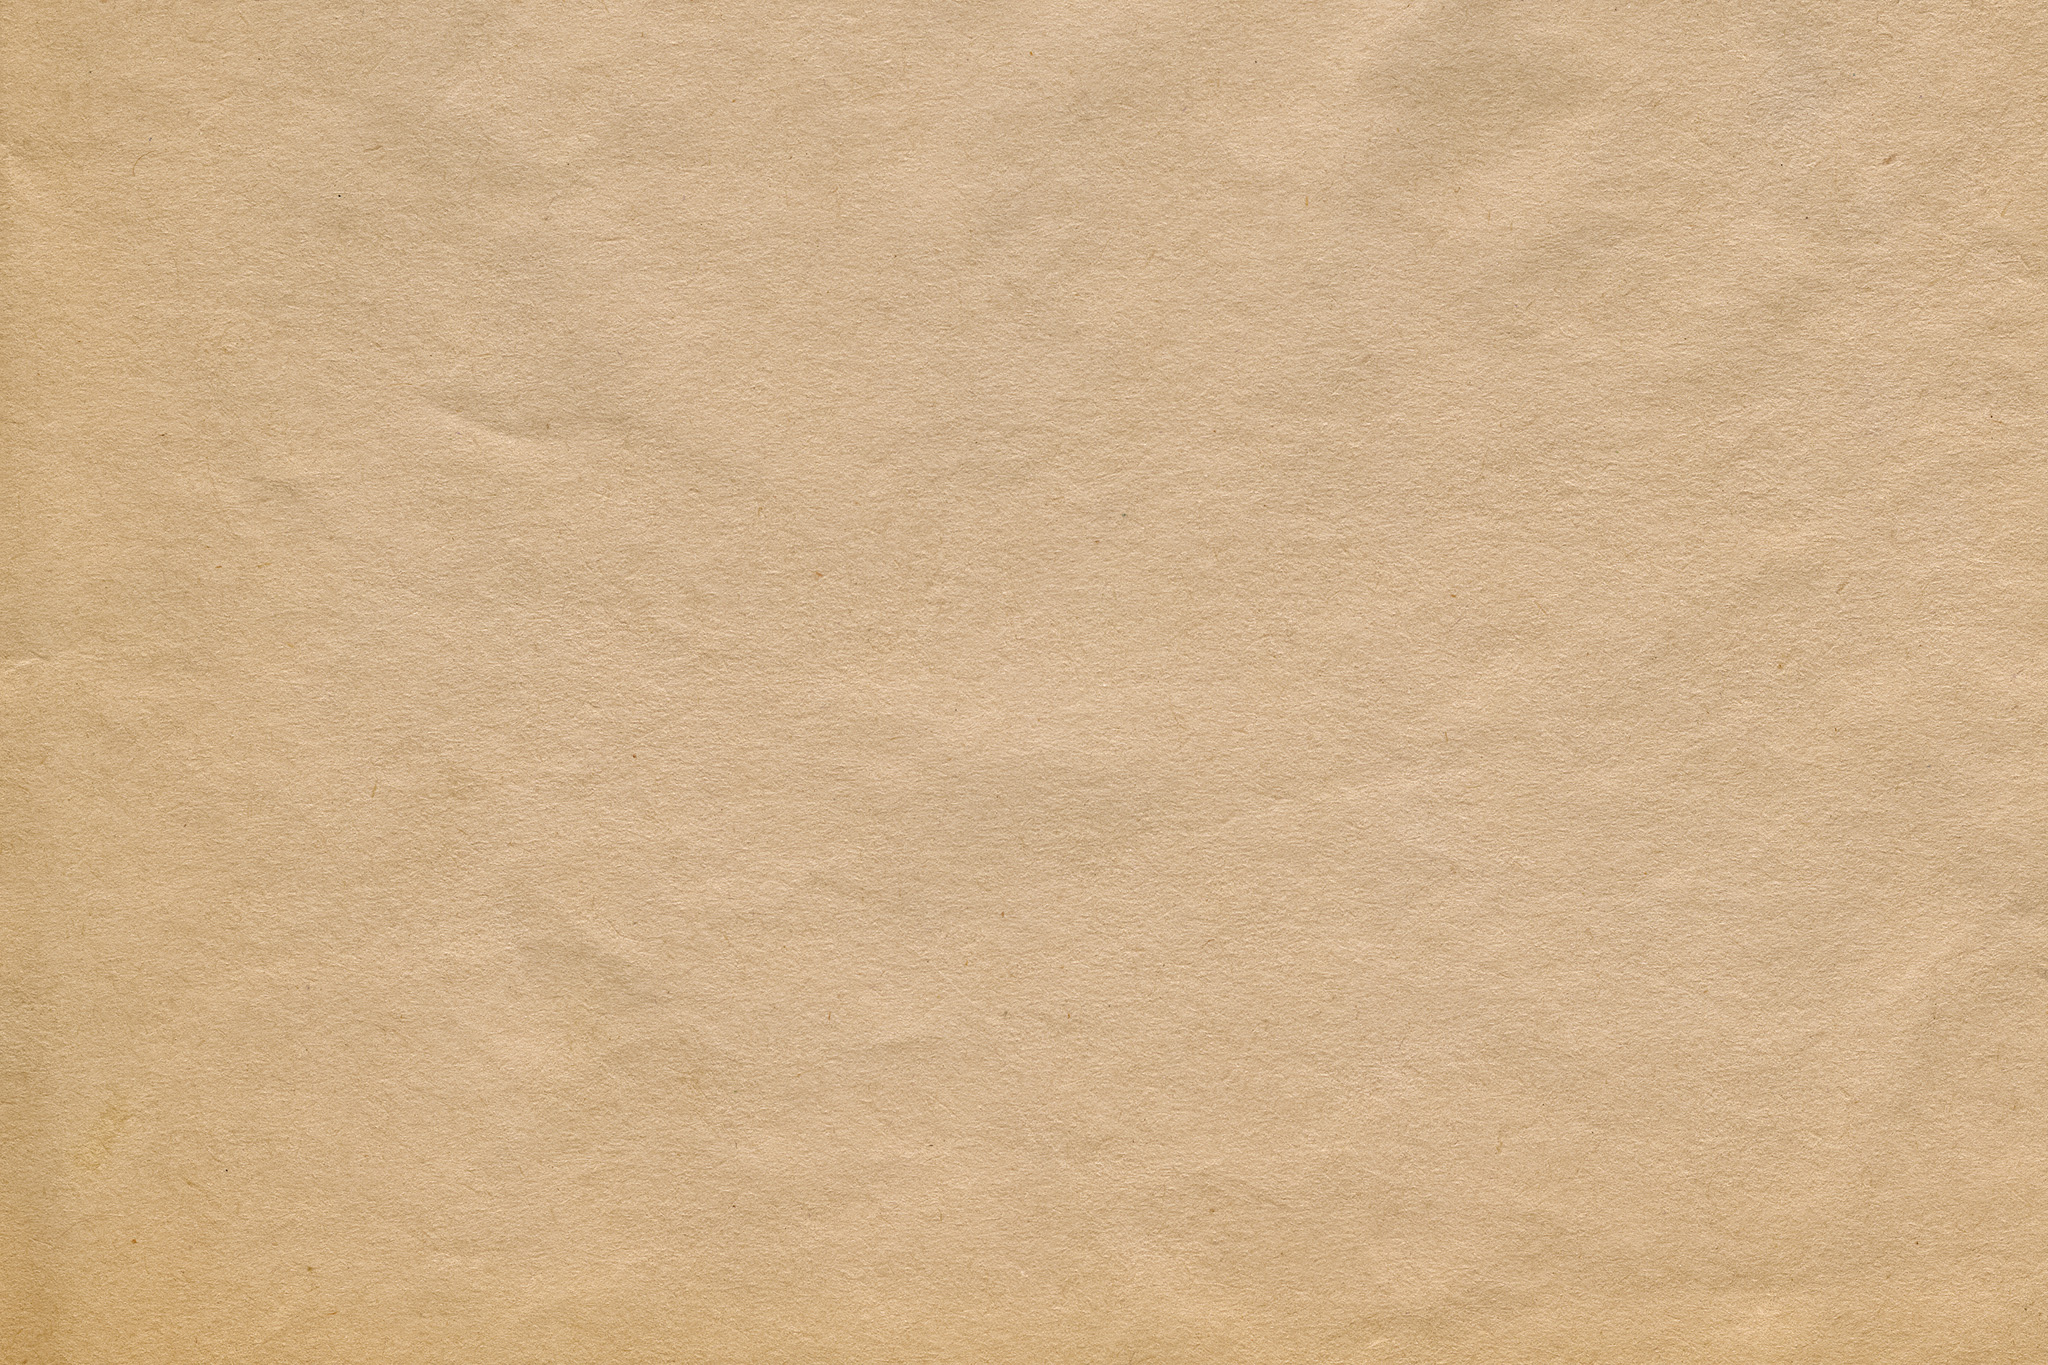 「ザラザラとした茶色いクラフト紙」